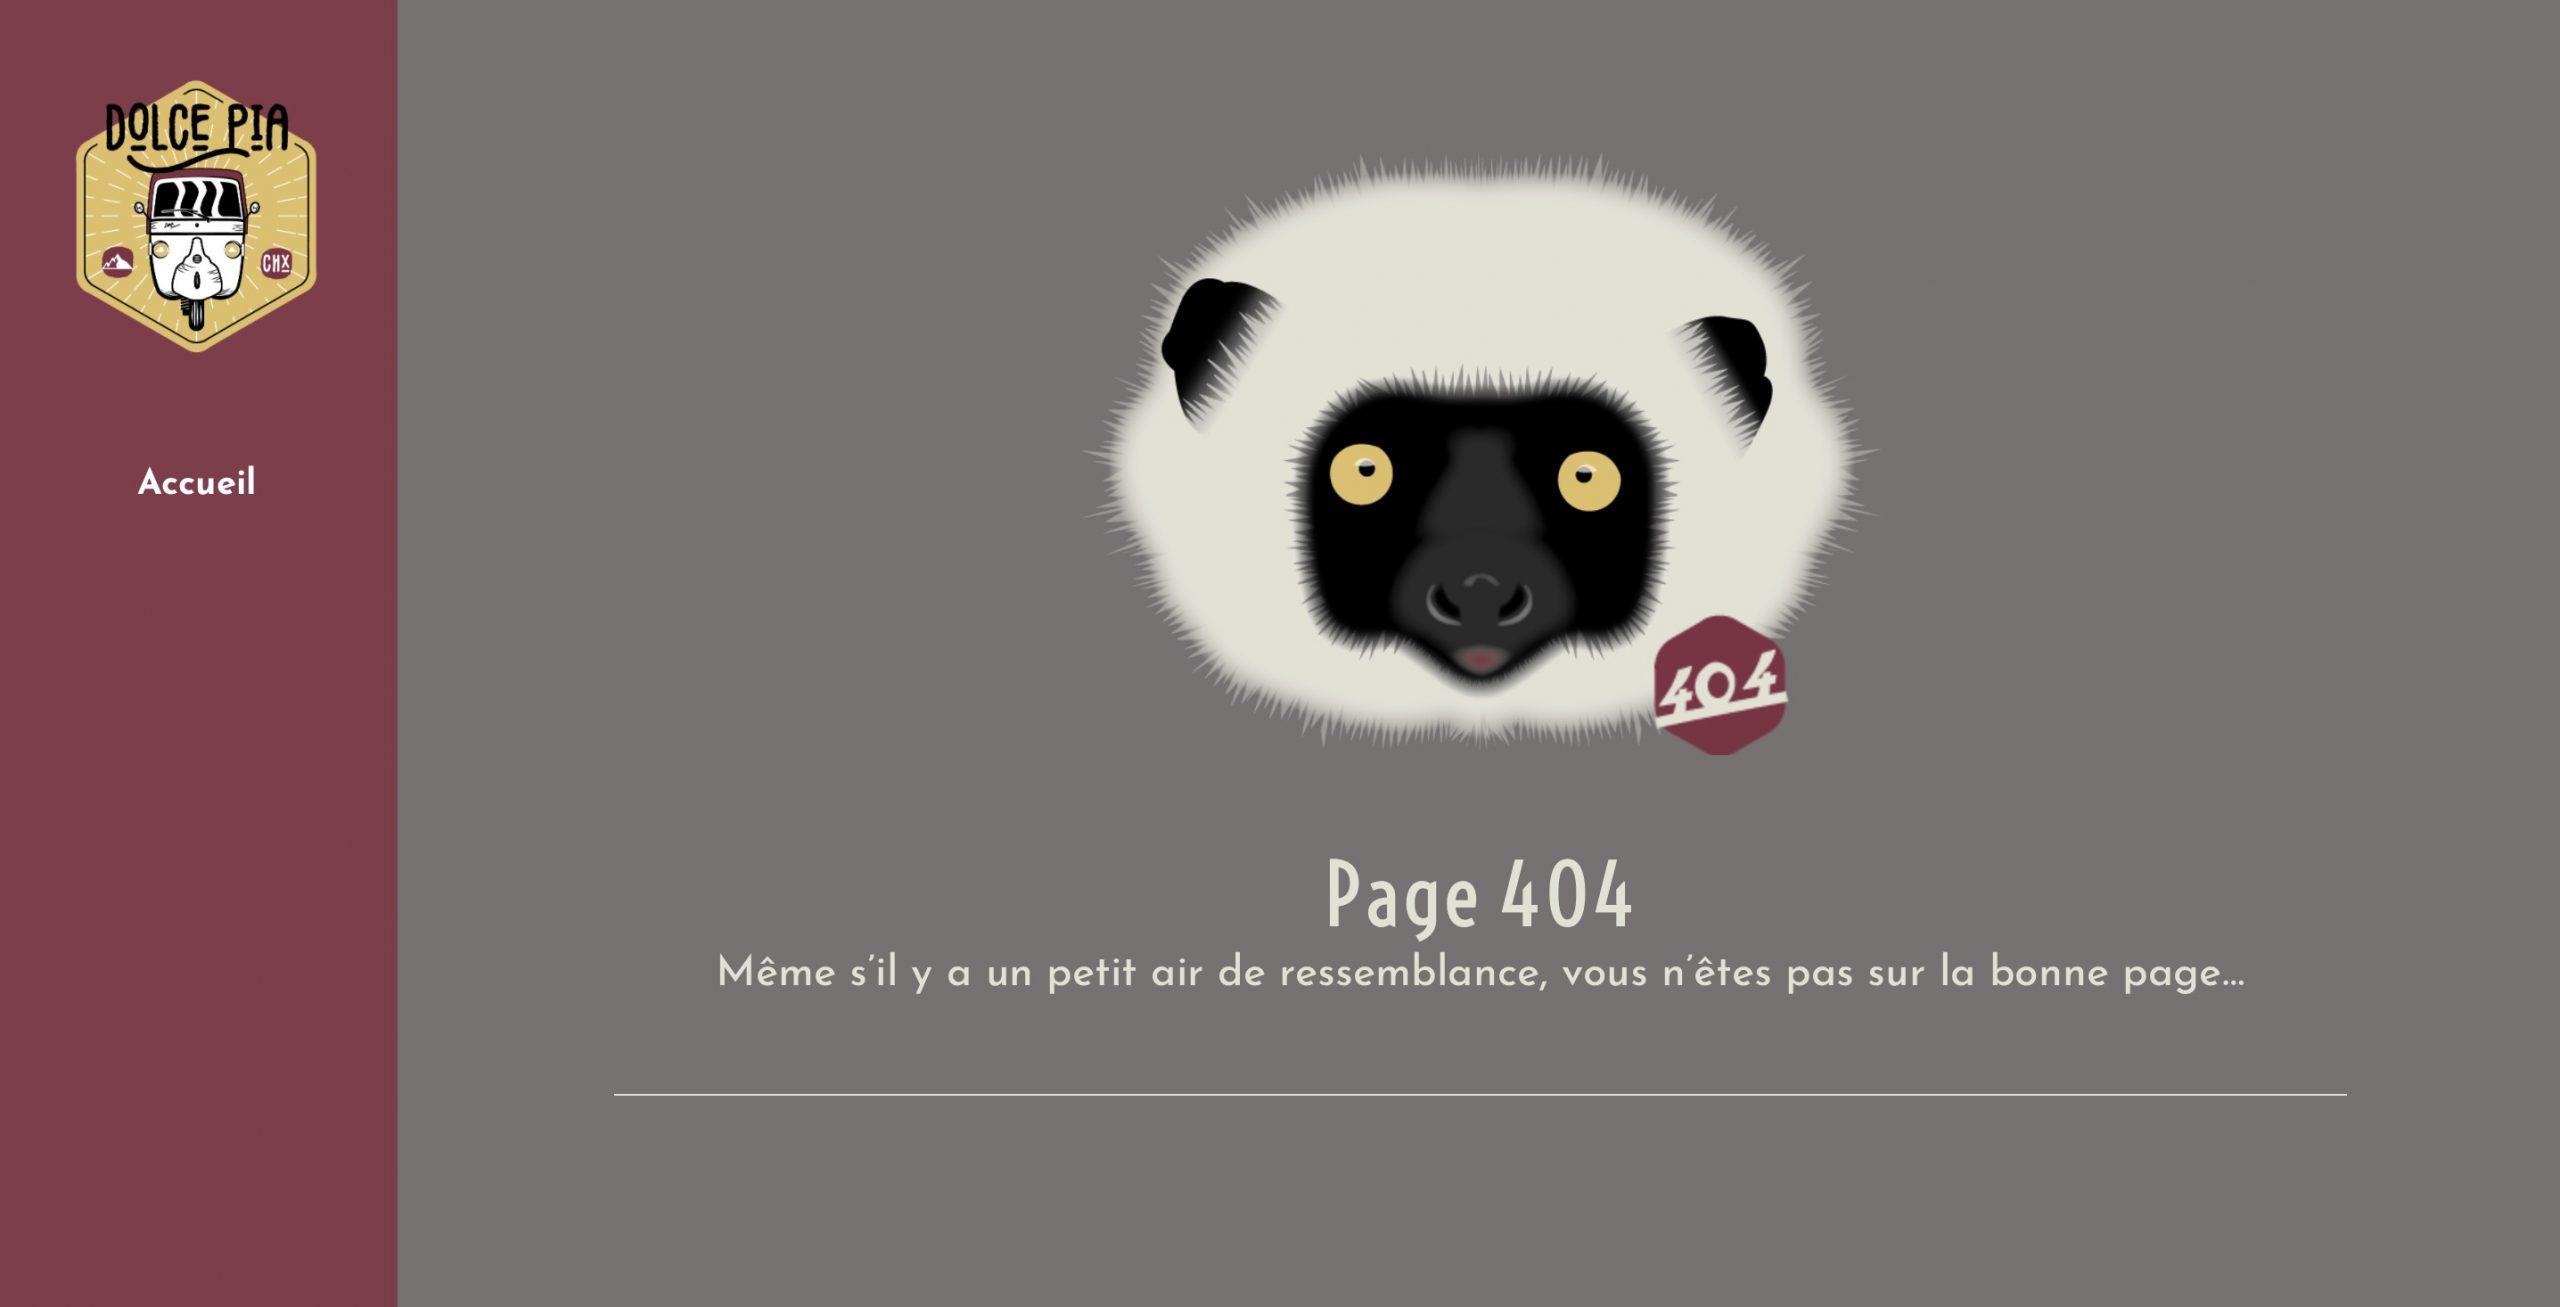 Page 404 du site web de location d'un piaggio app calessino